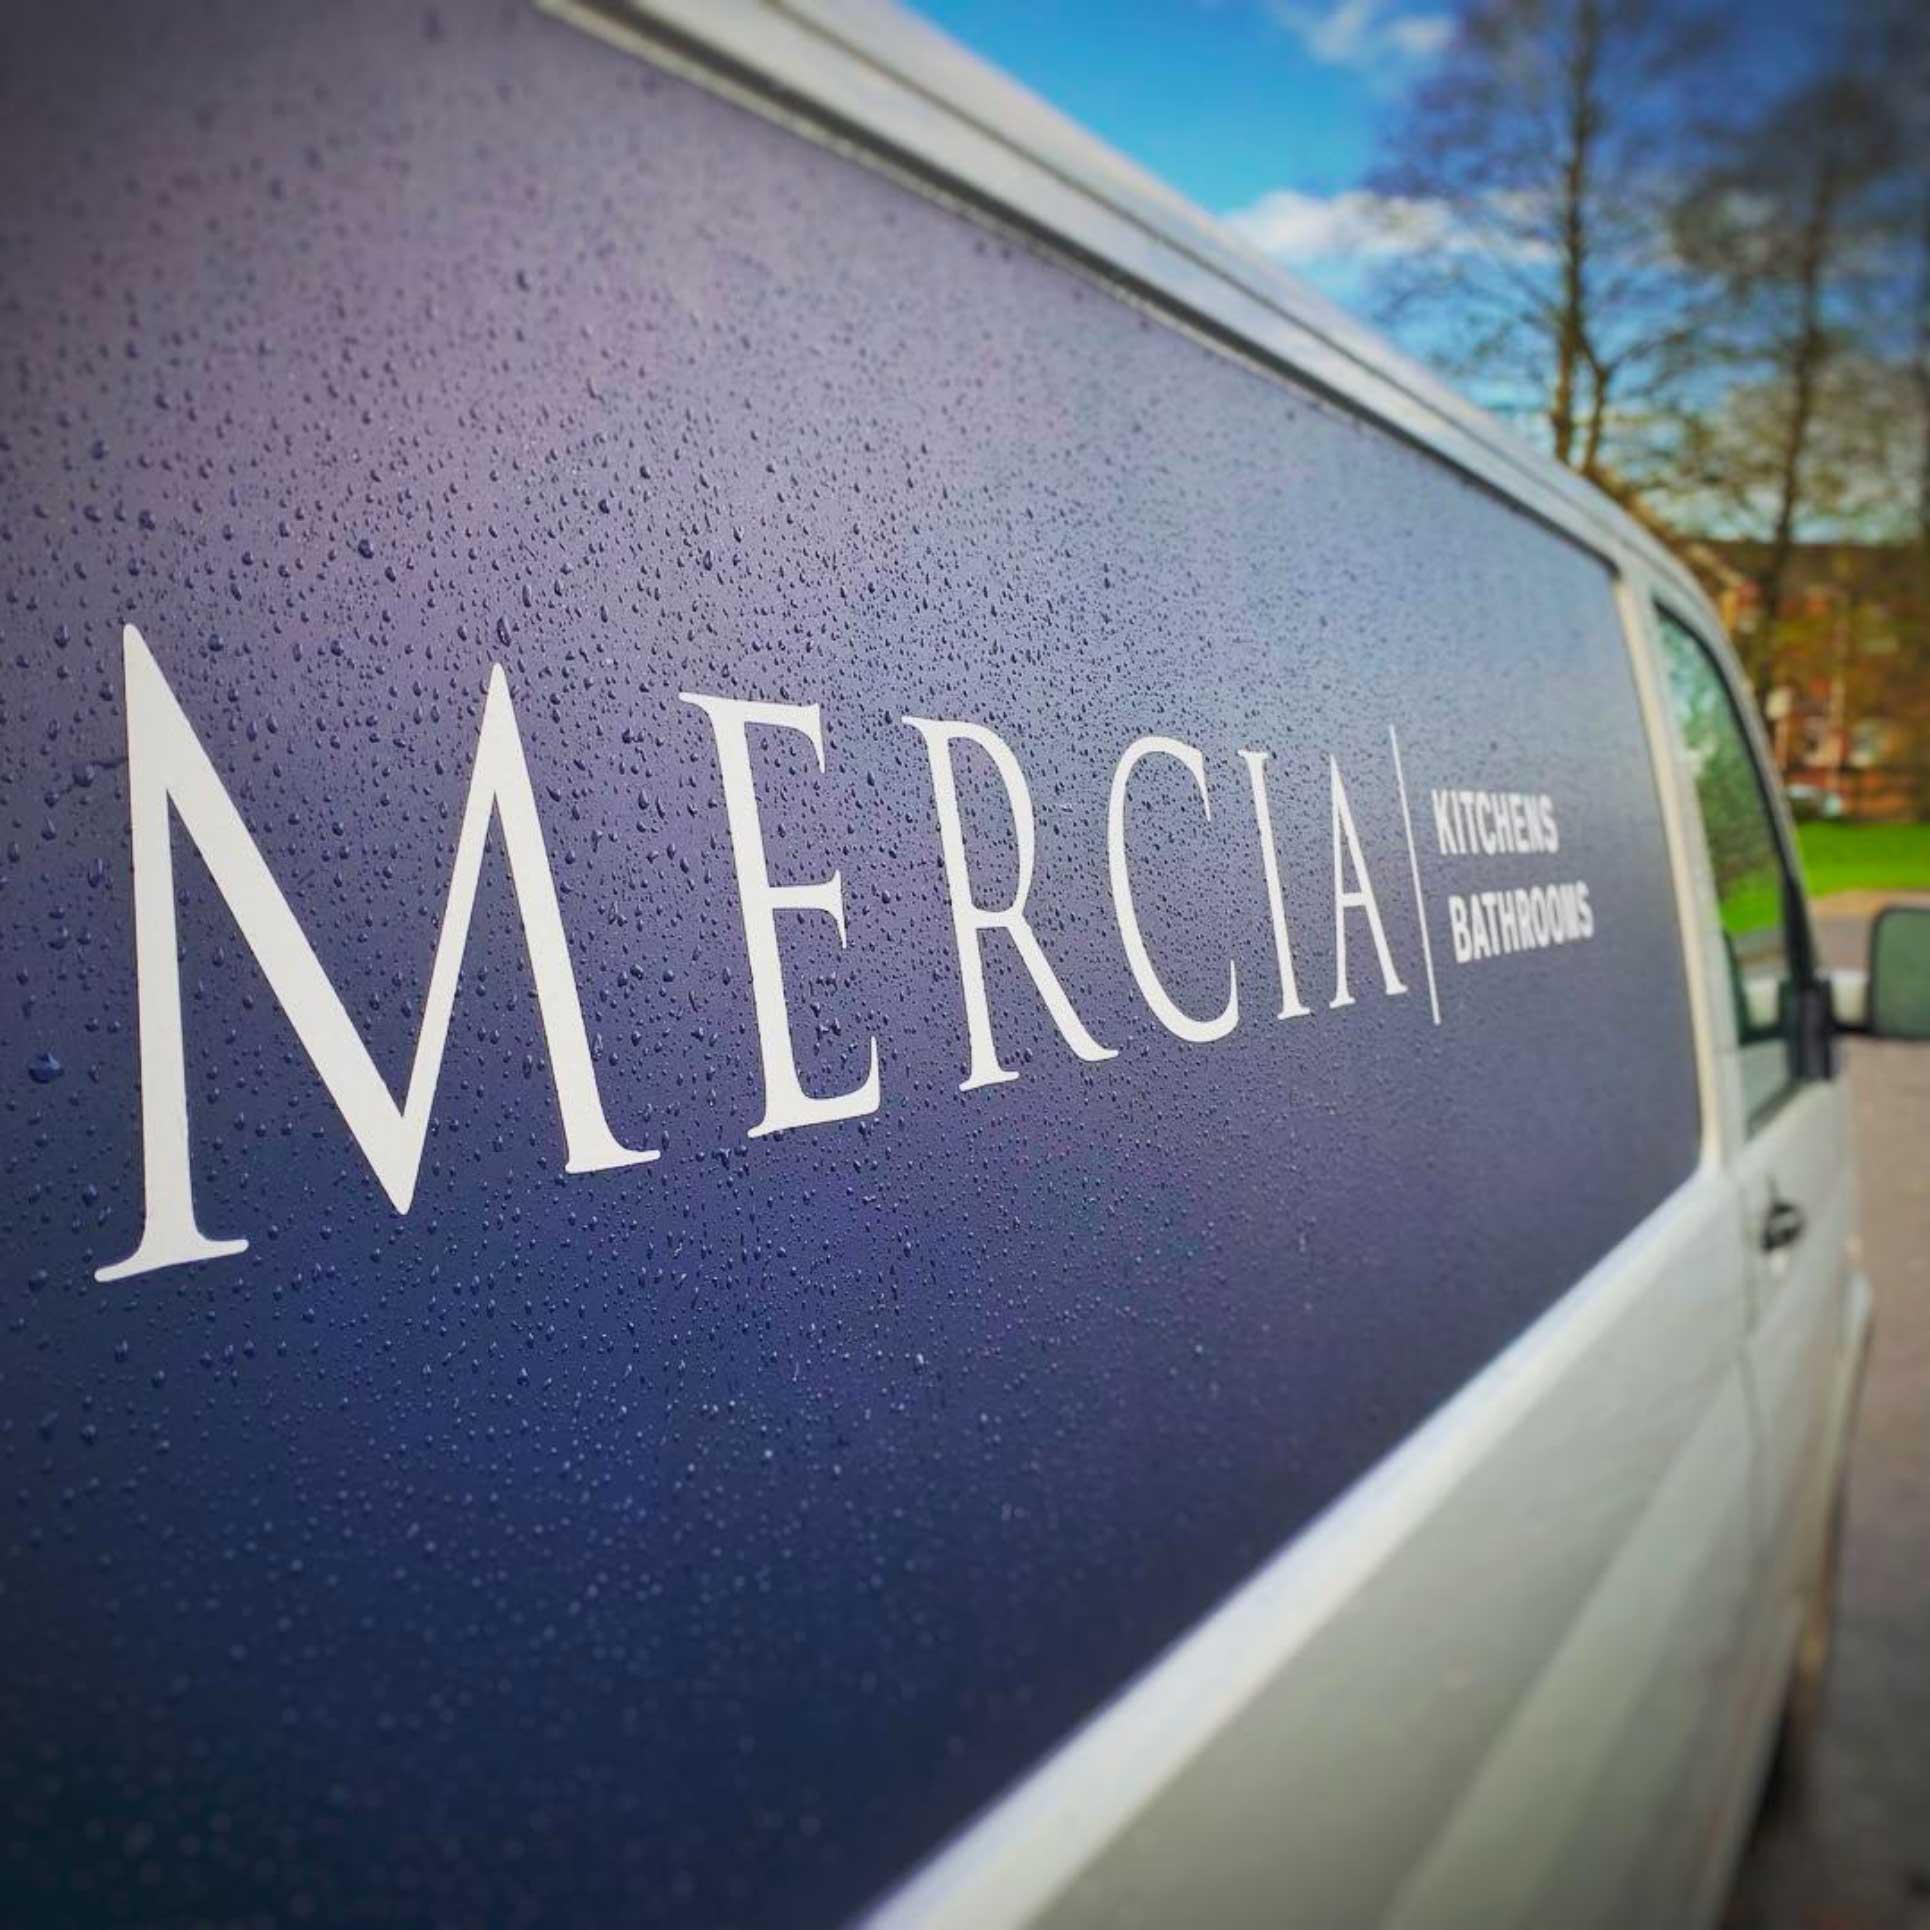 Mercia van livery